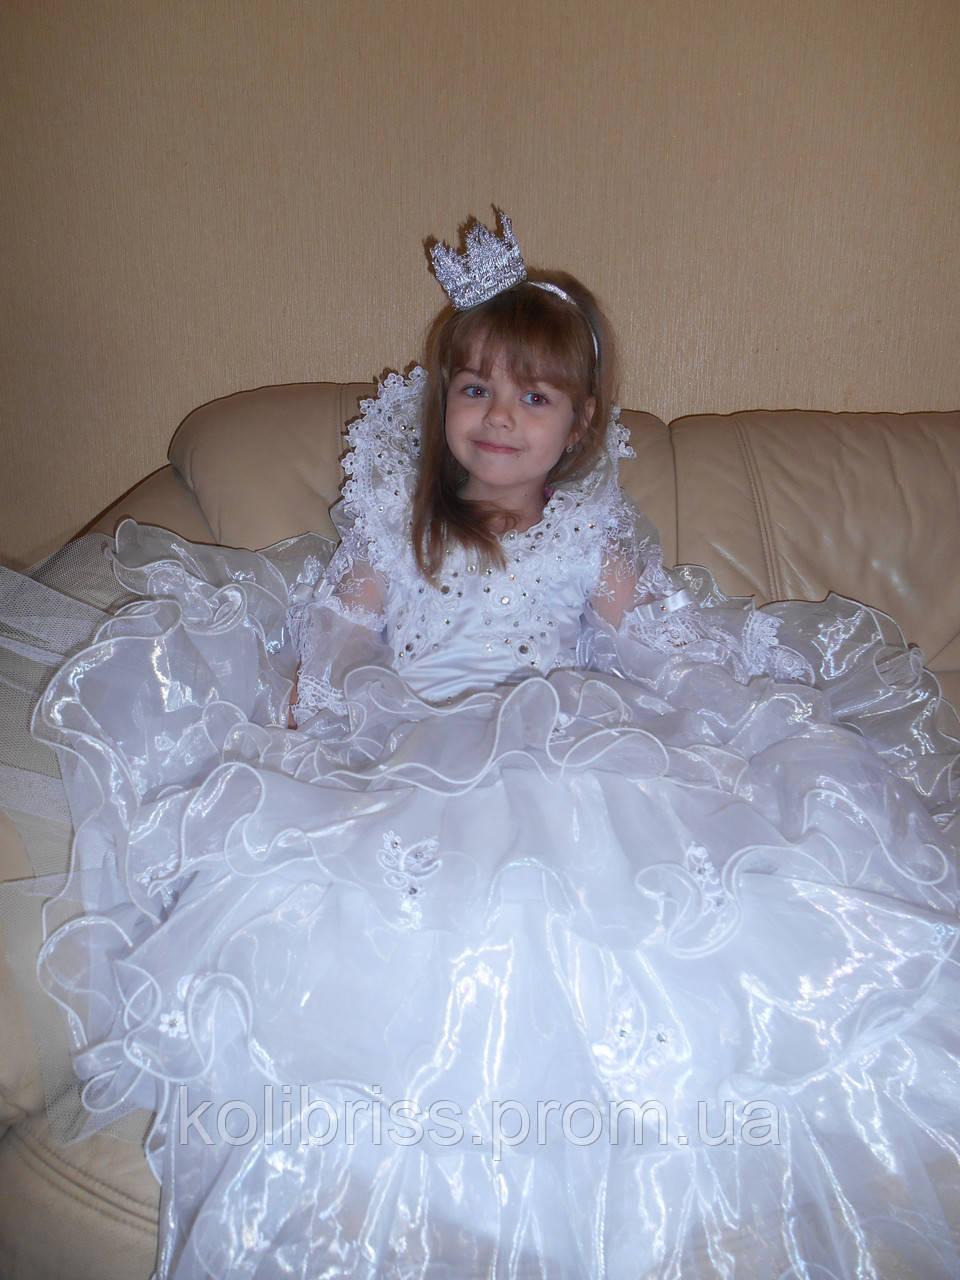 Карнавальный костюм Принцесса прокат Киев.Костюм принцессы ВИП прокат